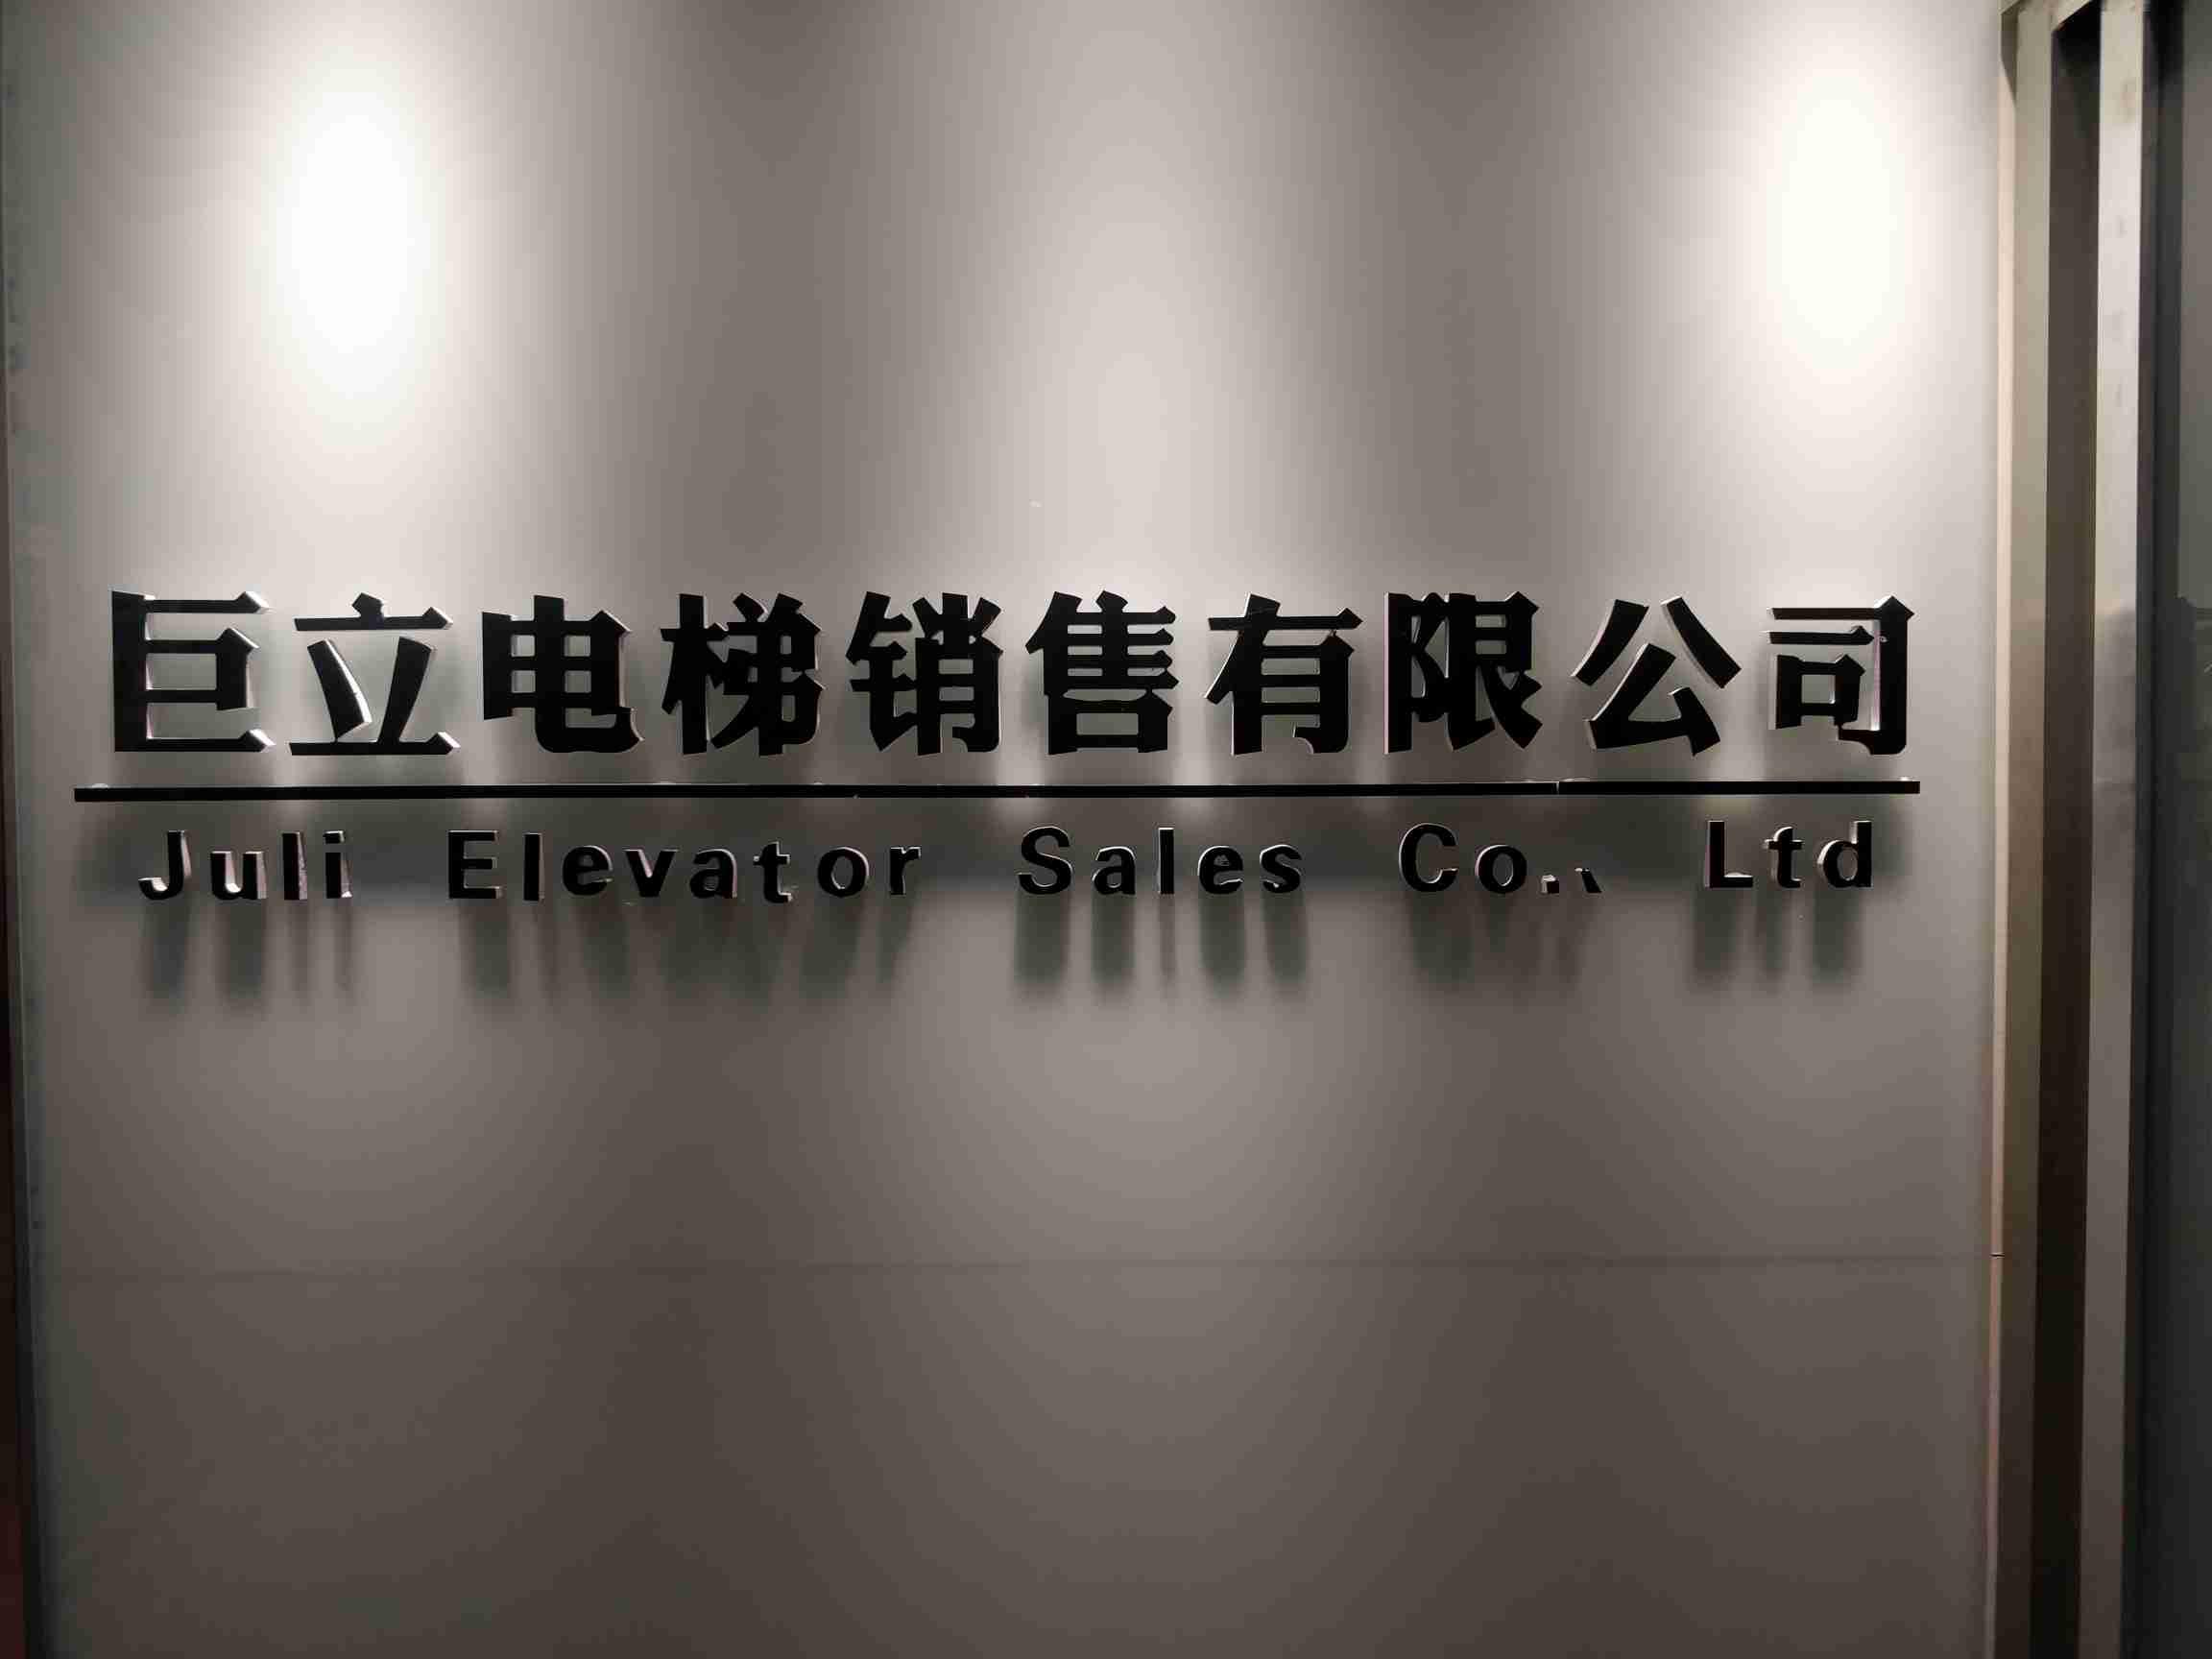 临漳县巨立电梯销售有限公司